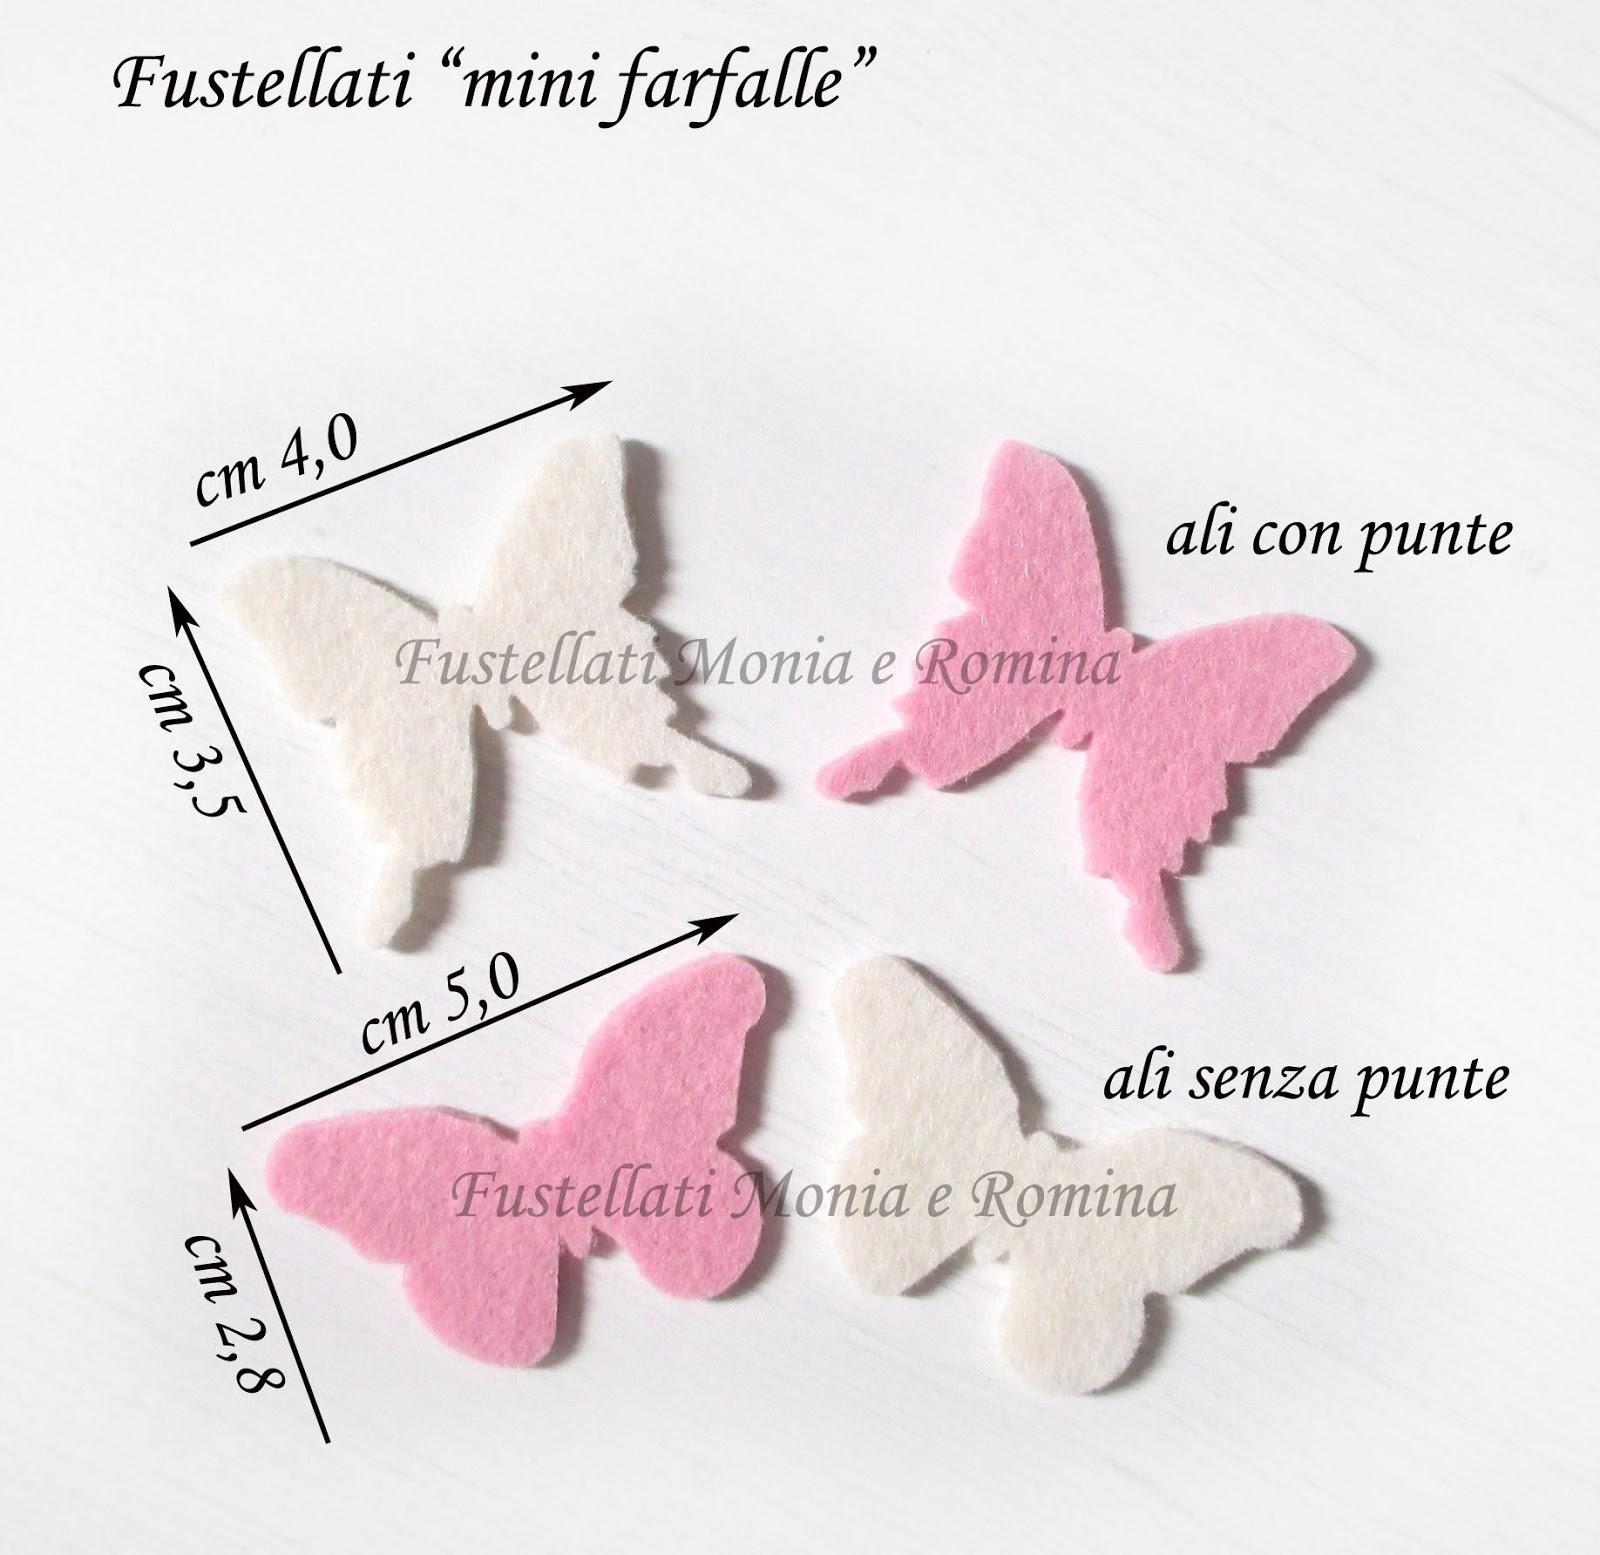 Fustellati A Forma Di Piccole Farfalline Fustellati Monia E Romina